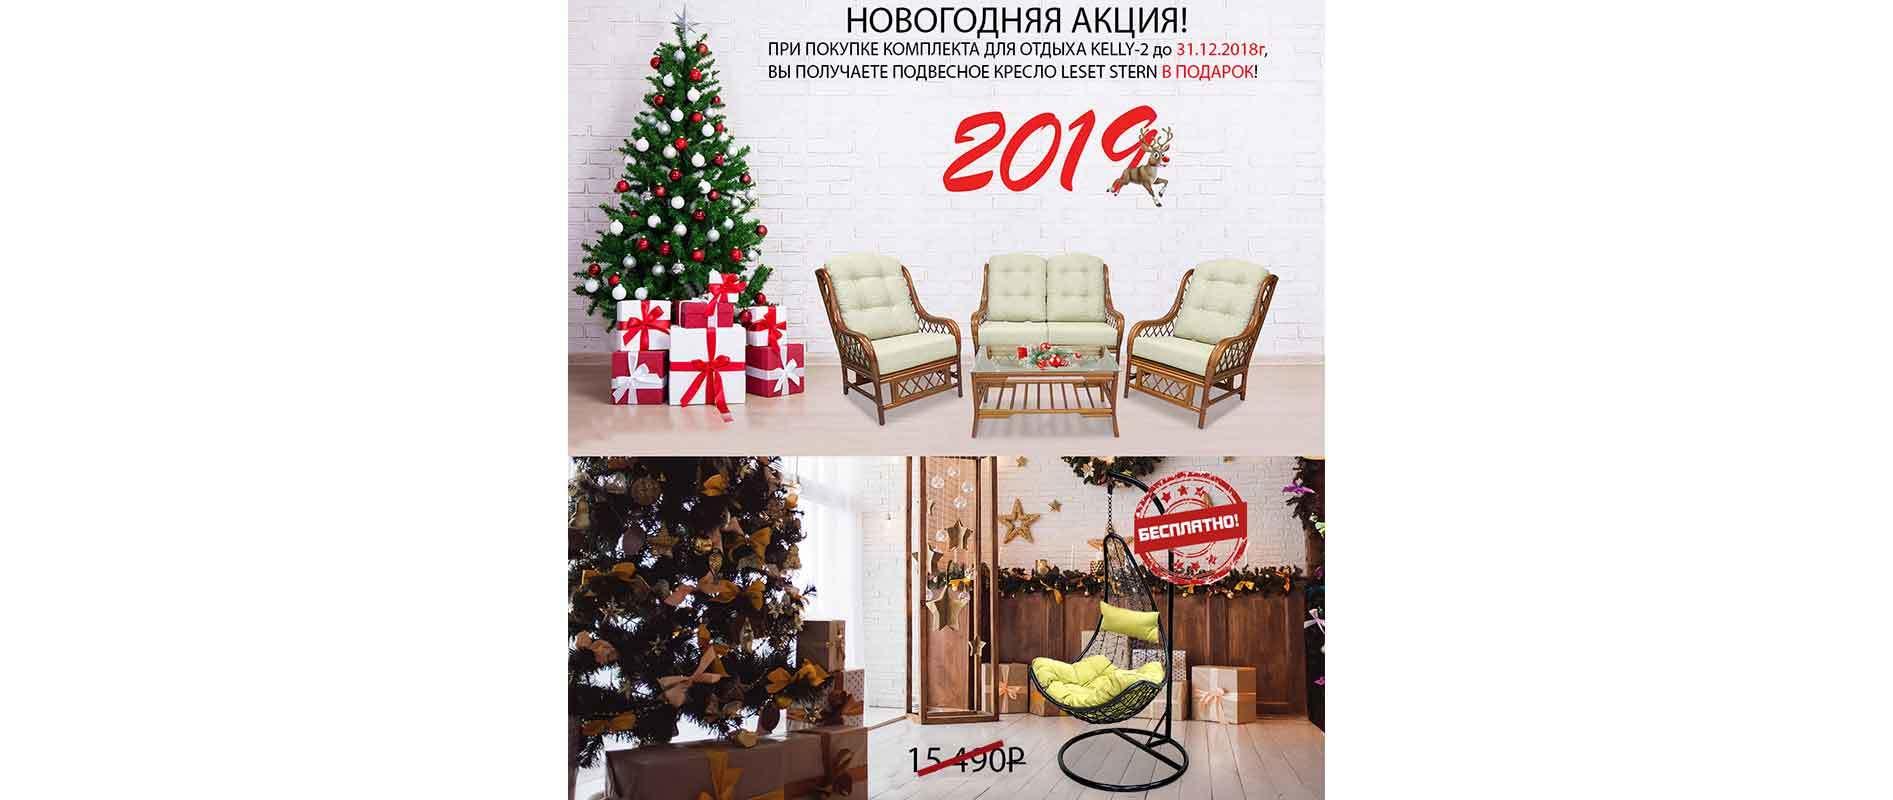 Новогодняя Акция - подвесное кресло в подарок!